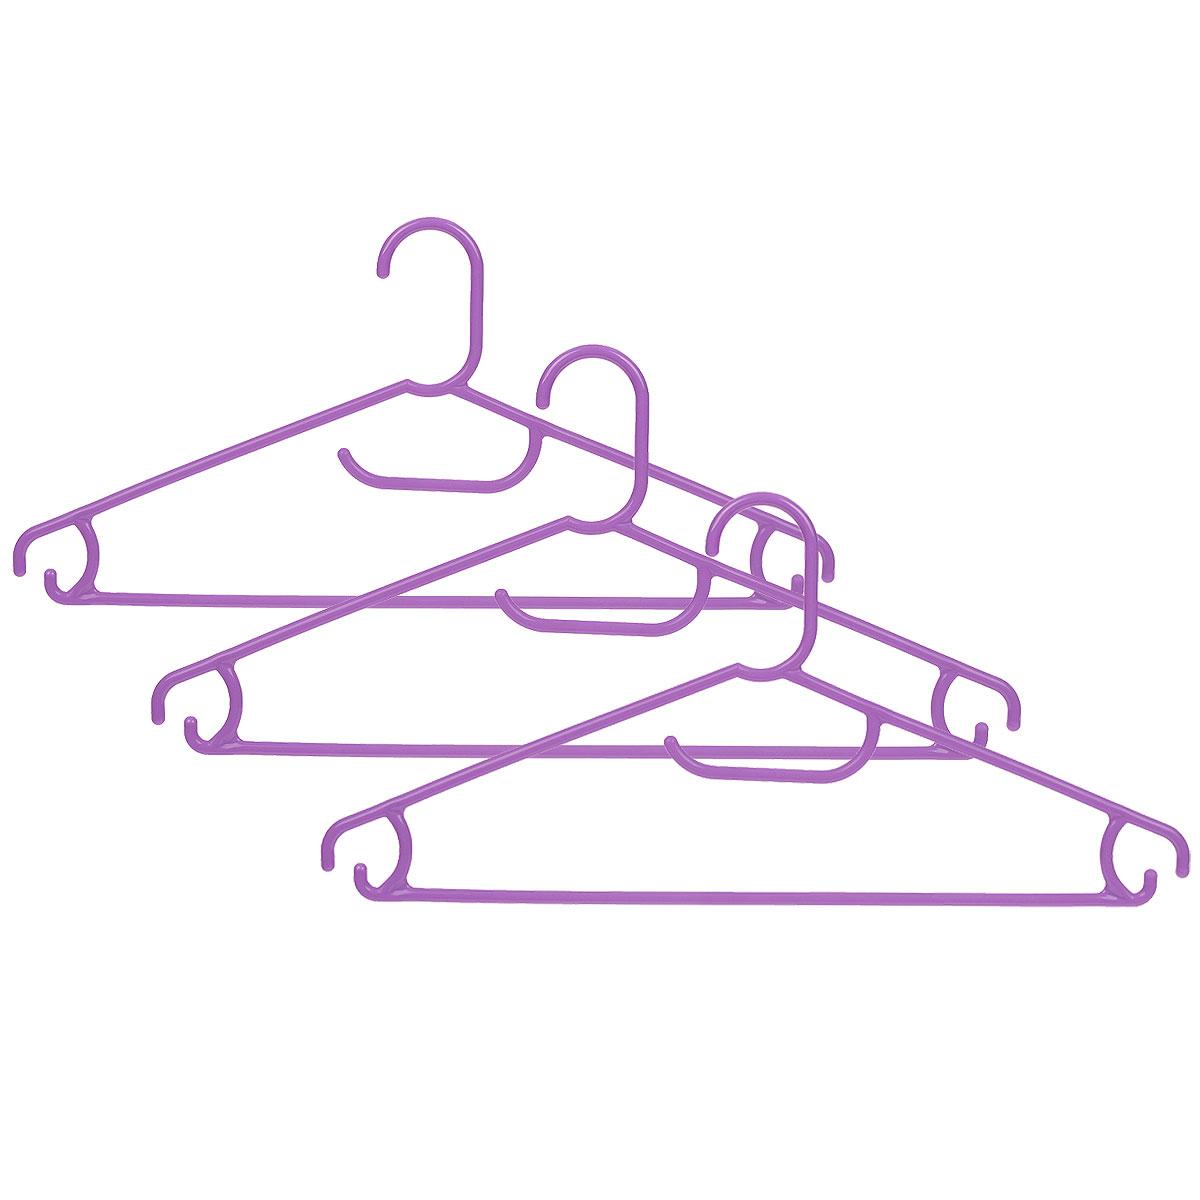 Набор вешалок Econova, цвет: сиреневый, размер 48, 3 штС12354_сиреневыйНабор Econova, выполненный из прочного пластика, состоит из 3 вешалок.Каждое изделие оснащено перекладиной, боковыми крючками, а также крючком для галстуков. Вешалка - это незаменимая вещь для того, чтобы ваша одежда всегда оставалась в хорошем состоянии.Комплектация: 3 шт.Размер одежды: 48.